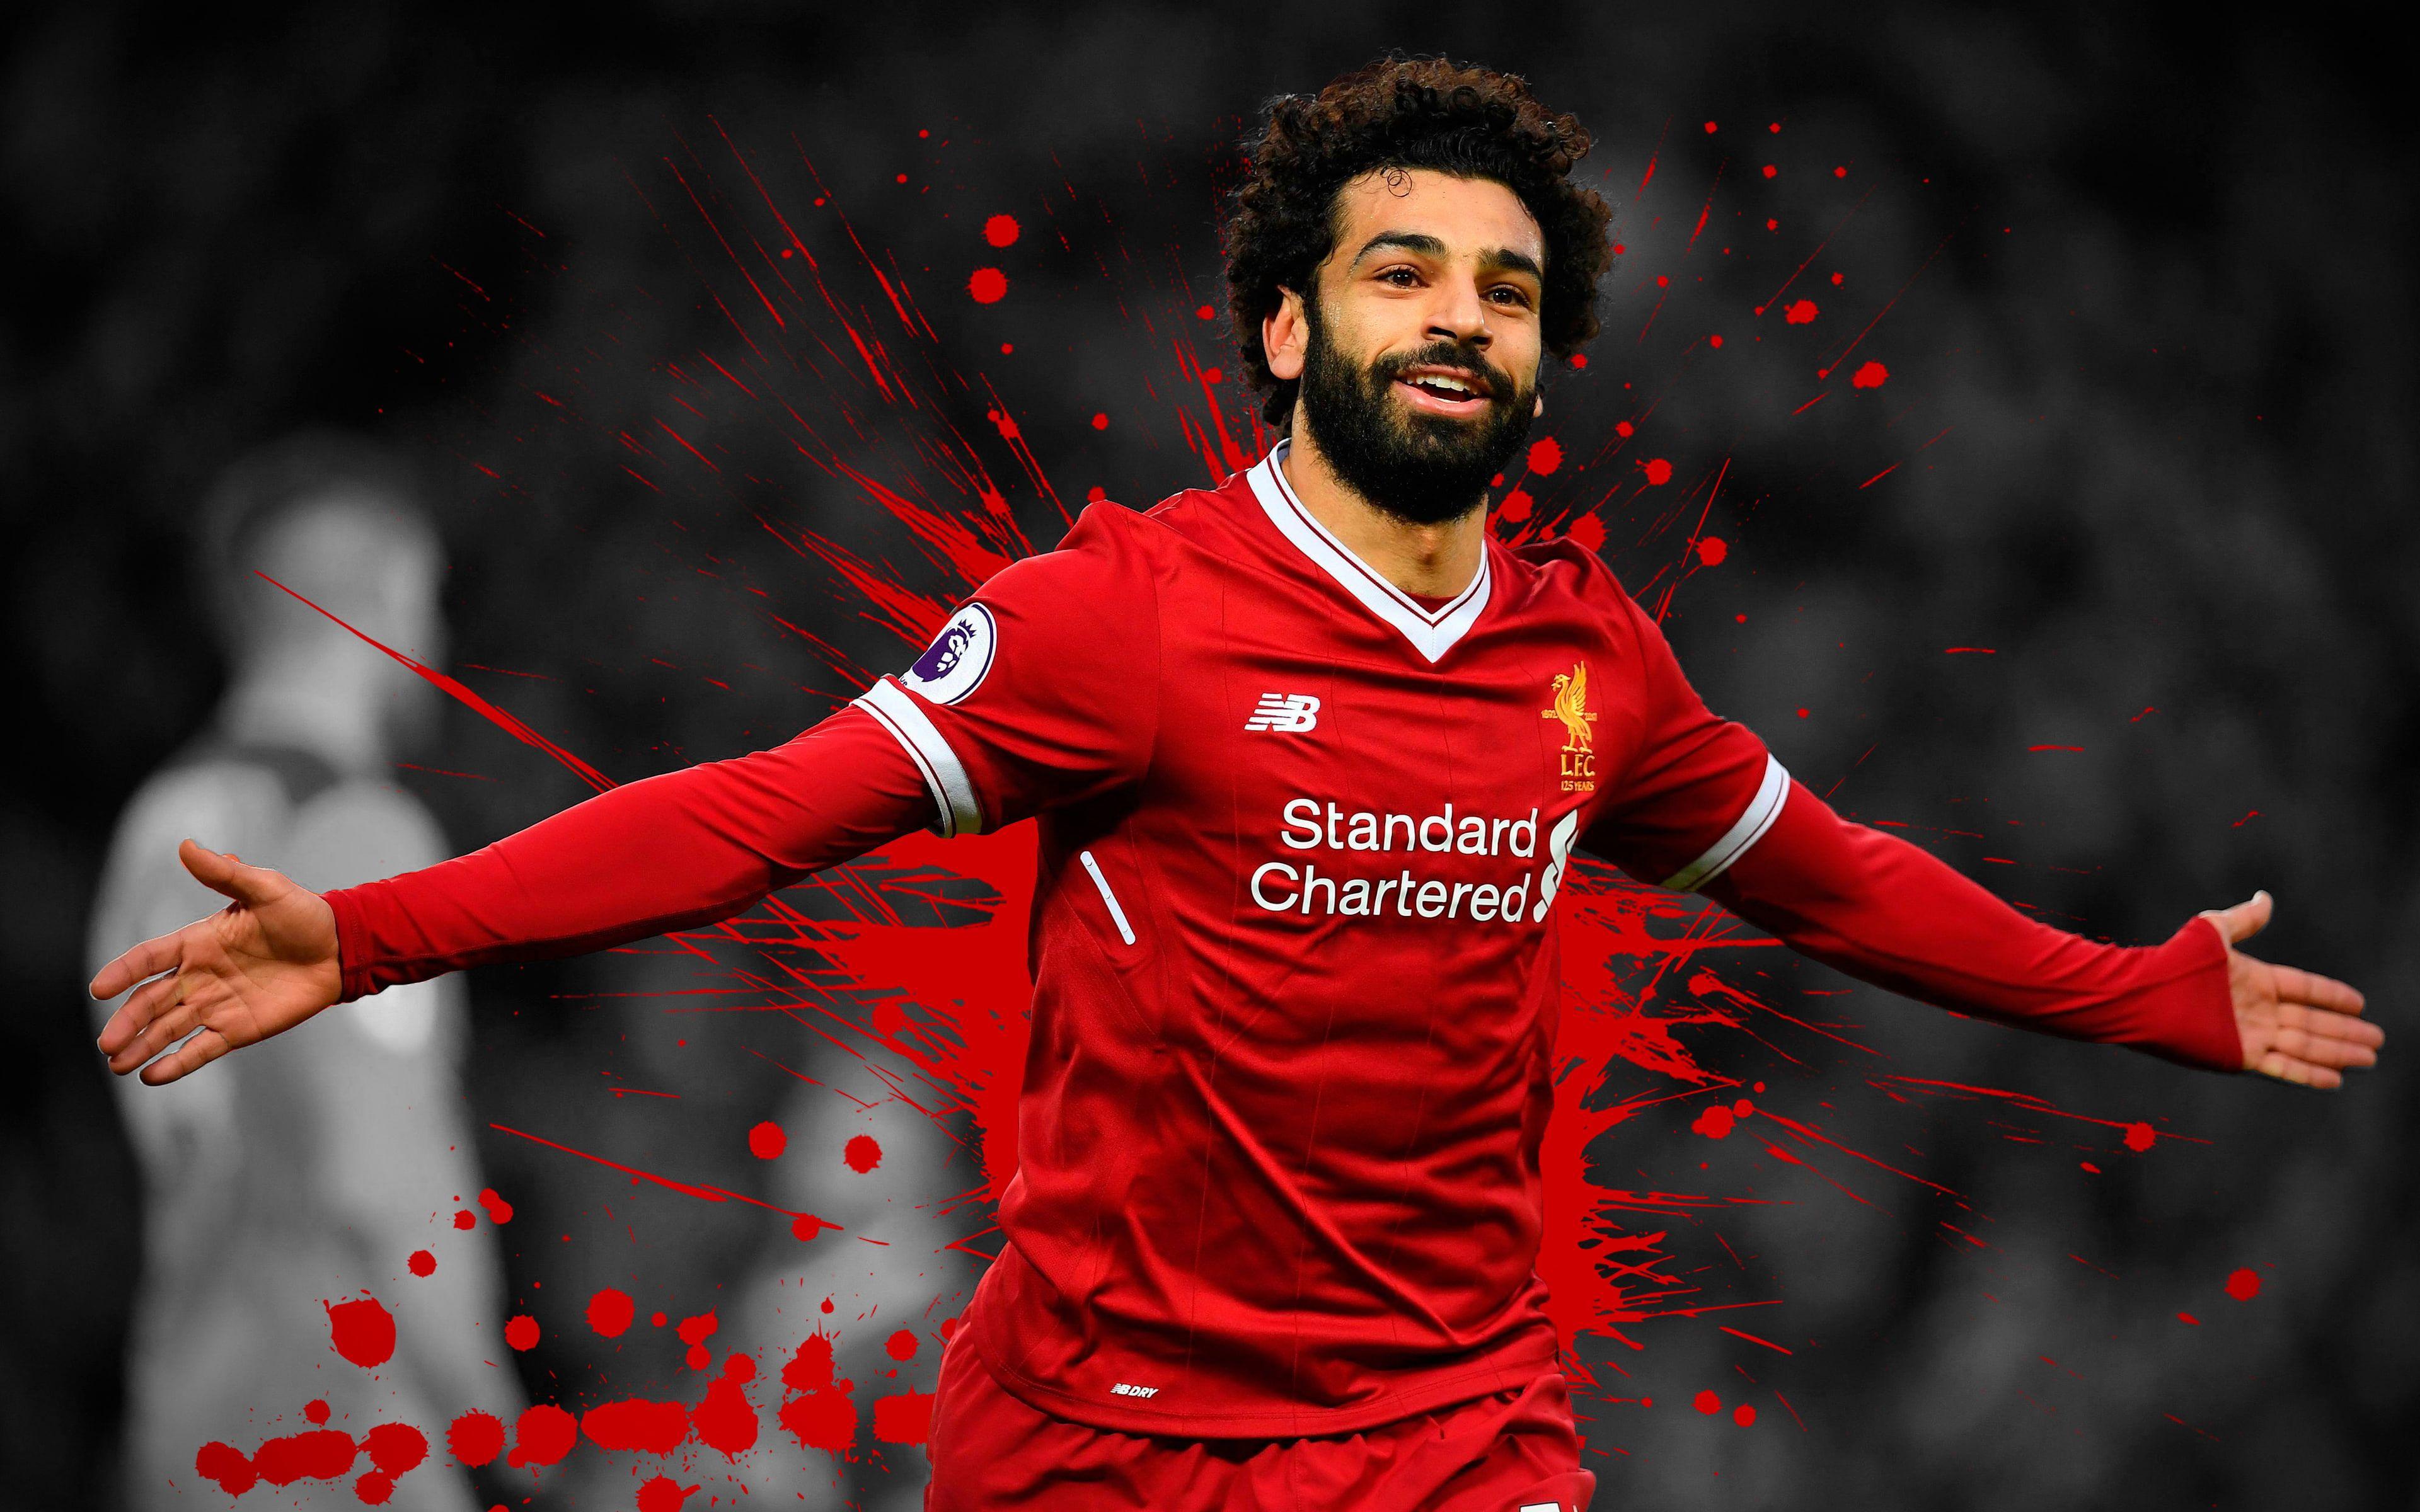 #Soccer Mohamed Salah Liverpool F.C. #4K #wallpaper